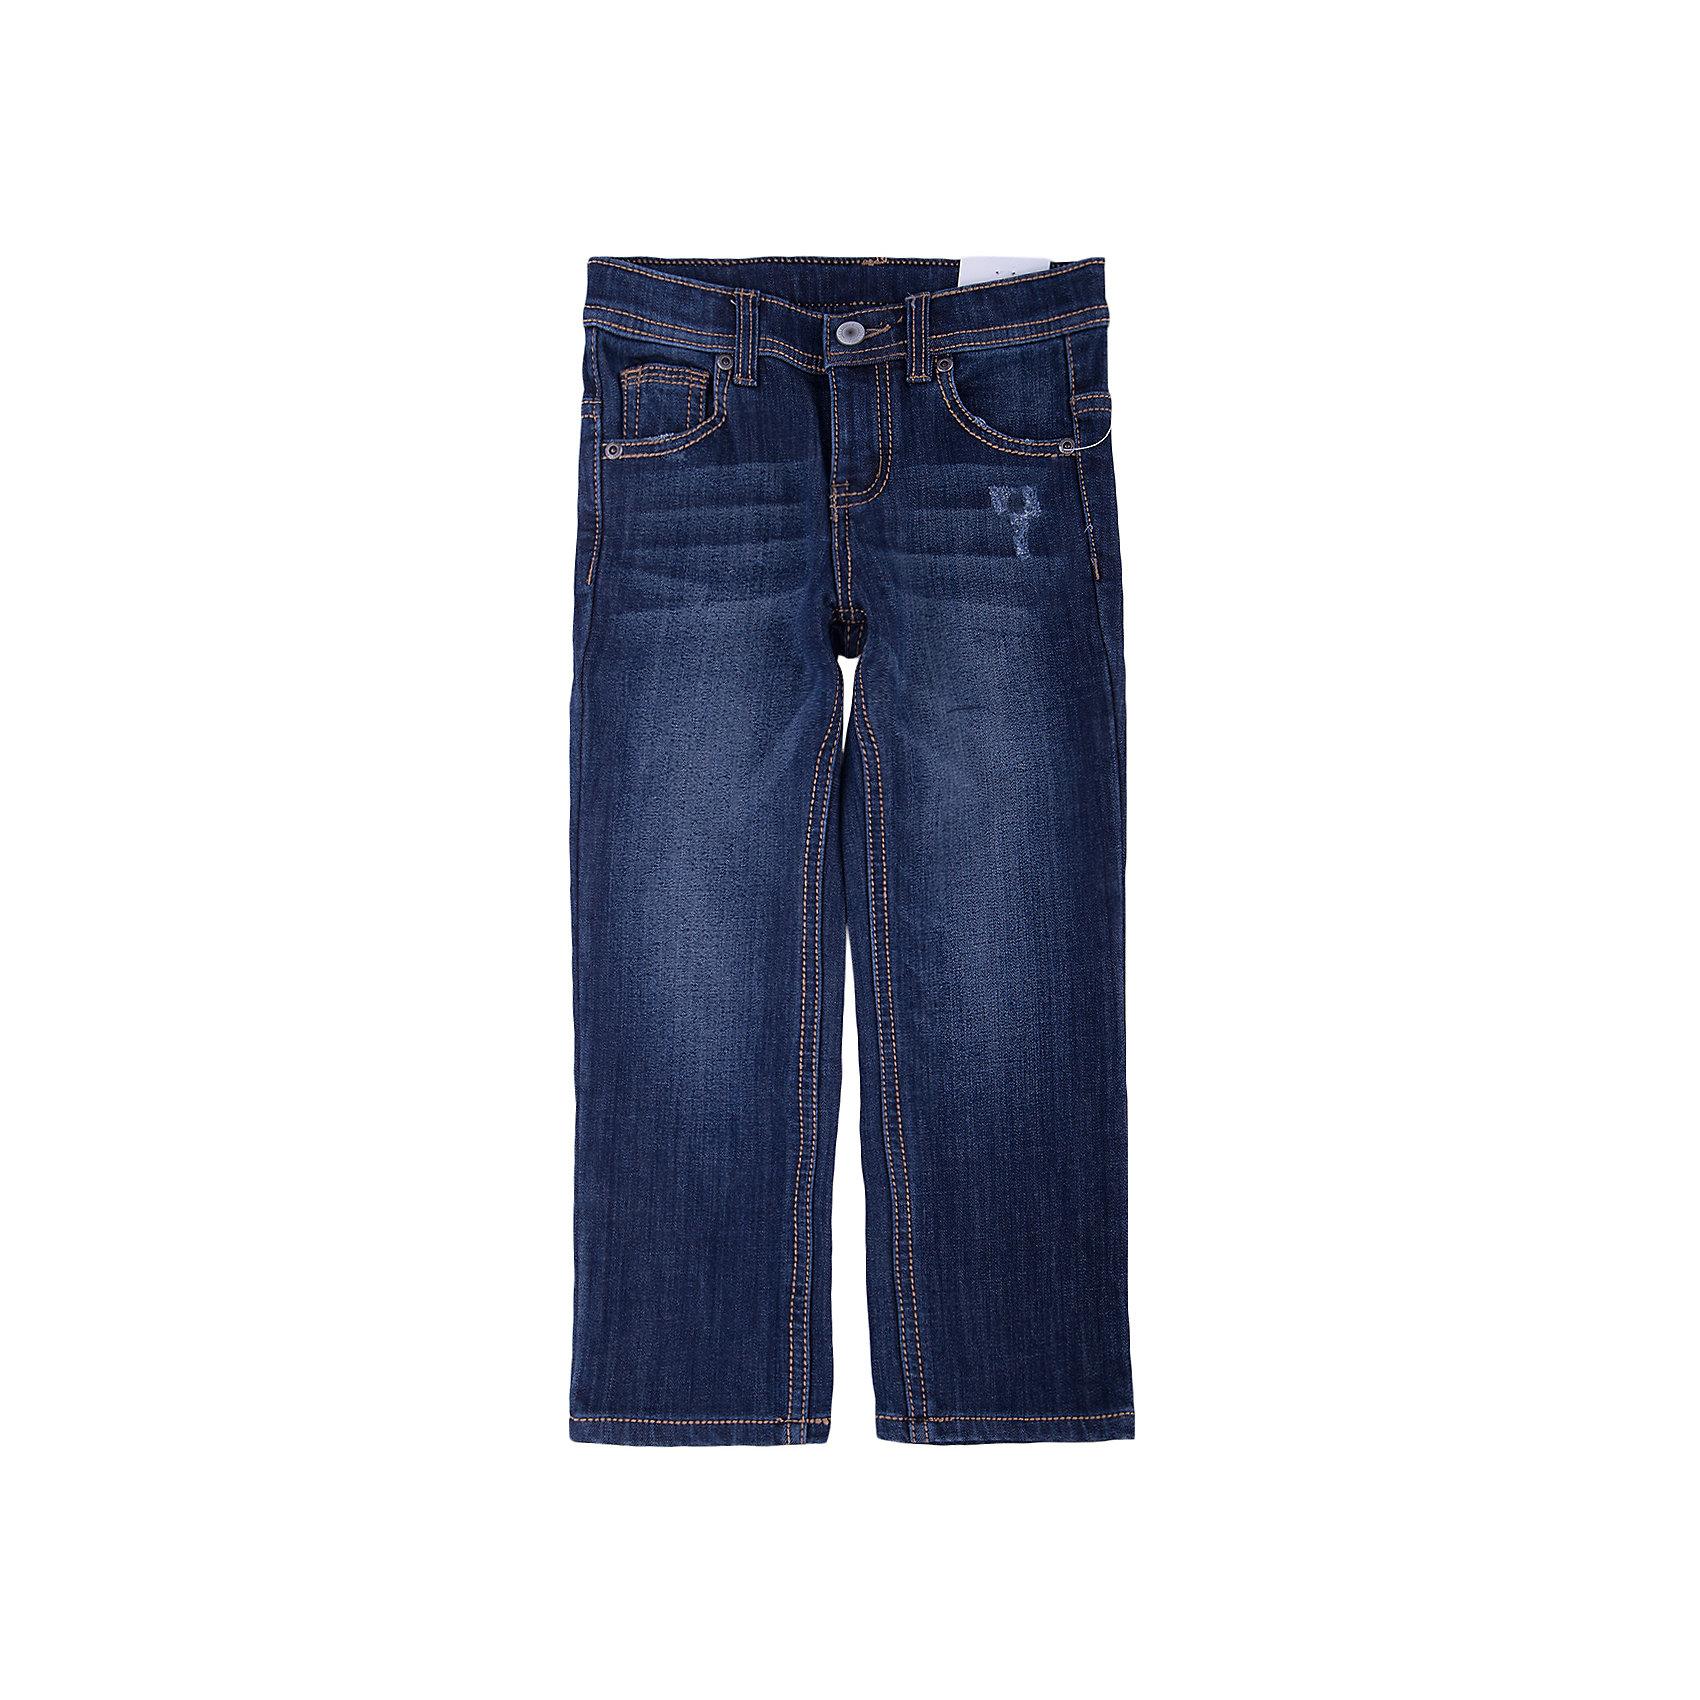 Джинсы для мальчика PlayTodayДжинсы<br>Джинсы для мальчика от известного бренда PlayToday.<br>Стильные джинсы с модными потертостями. Внутри утеплены уютным флисом. Застегиваются на молнию и пуговицу, есть шлевки для ремня. Классическая пятикарманка.<br>Состав:<br>62% хлопок, 23% вискоза, 13% полиэстер, 2% эластан<br><br>Ширина мм: 215<br>Глубина мм: 88<br>Высота мм: 191<br>Вес г: 336<br>Цвет: синий<br>Возраст от месяцев: 60<br>Возраст до месяцев: 72<br>Пол: Мужской<br>Возраст: Детский<br>Размер: 116,98,122,104,128,110<br>SKU: 4898278